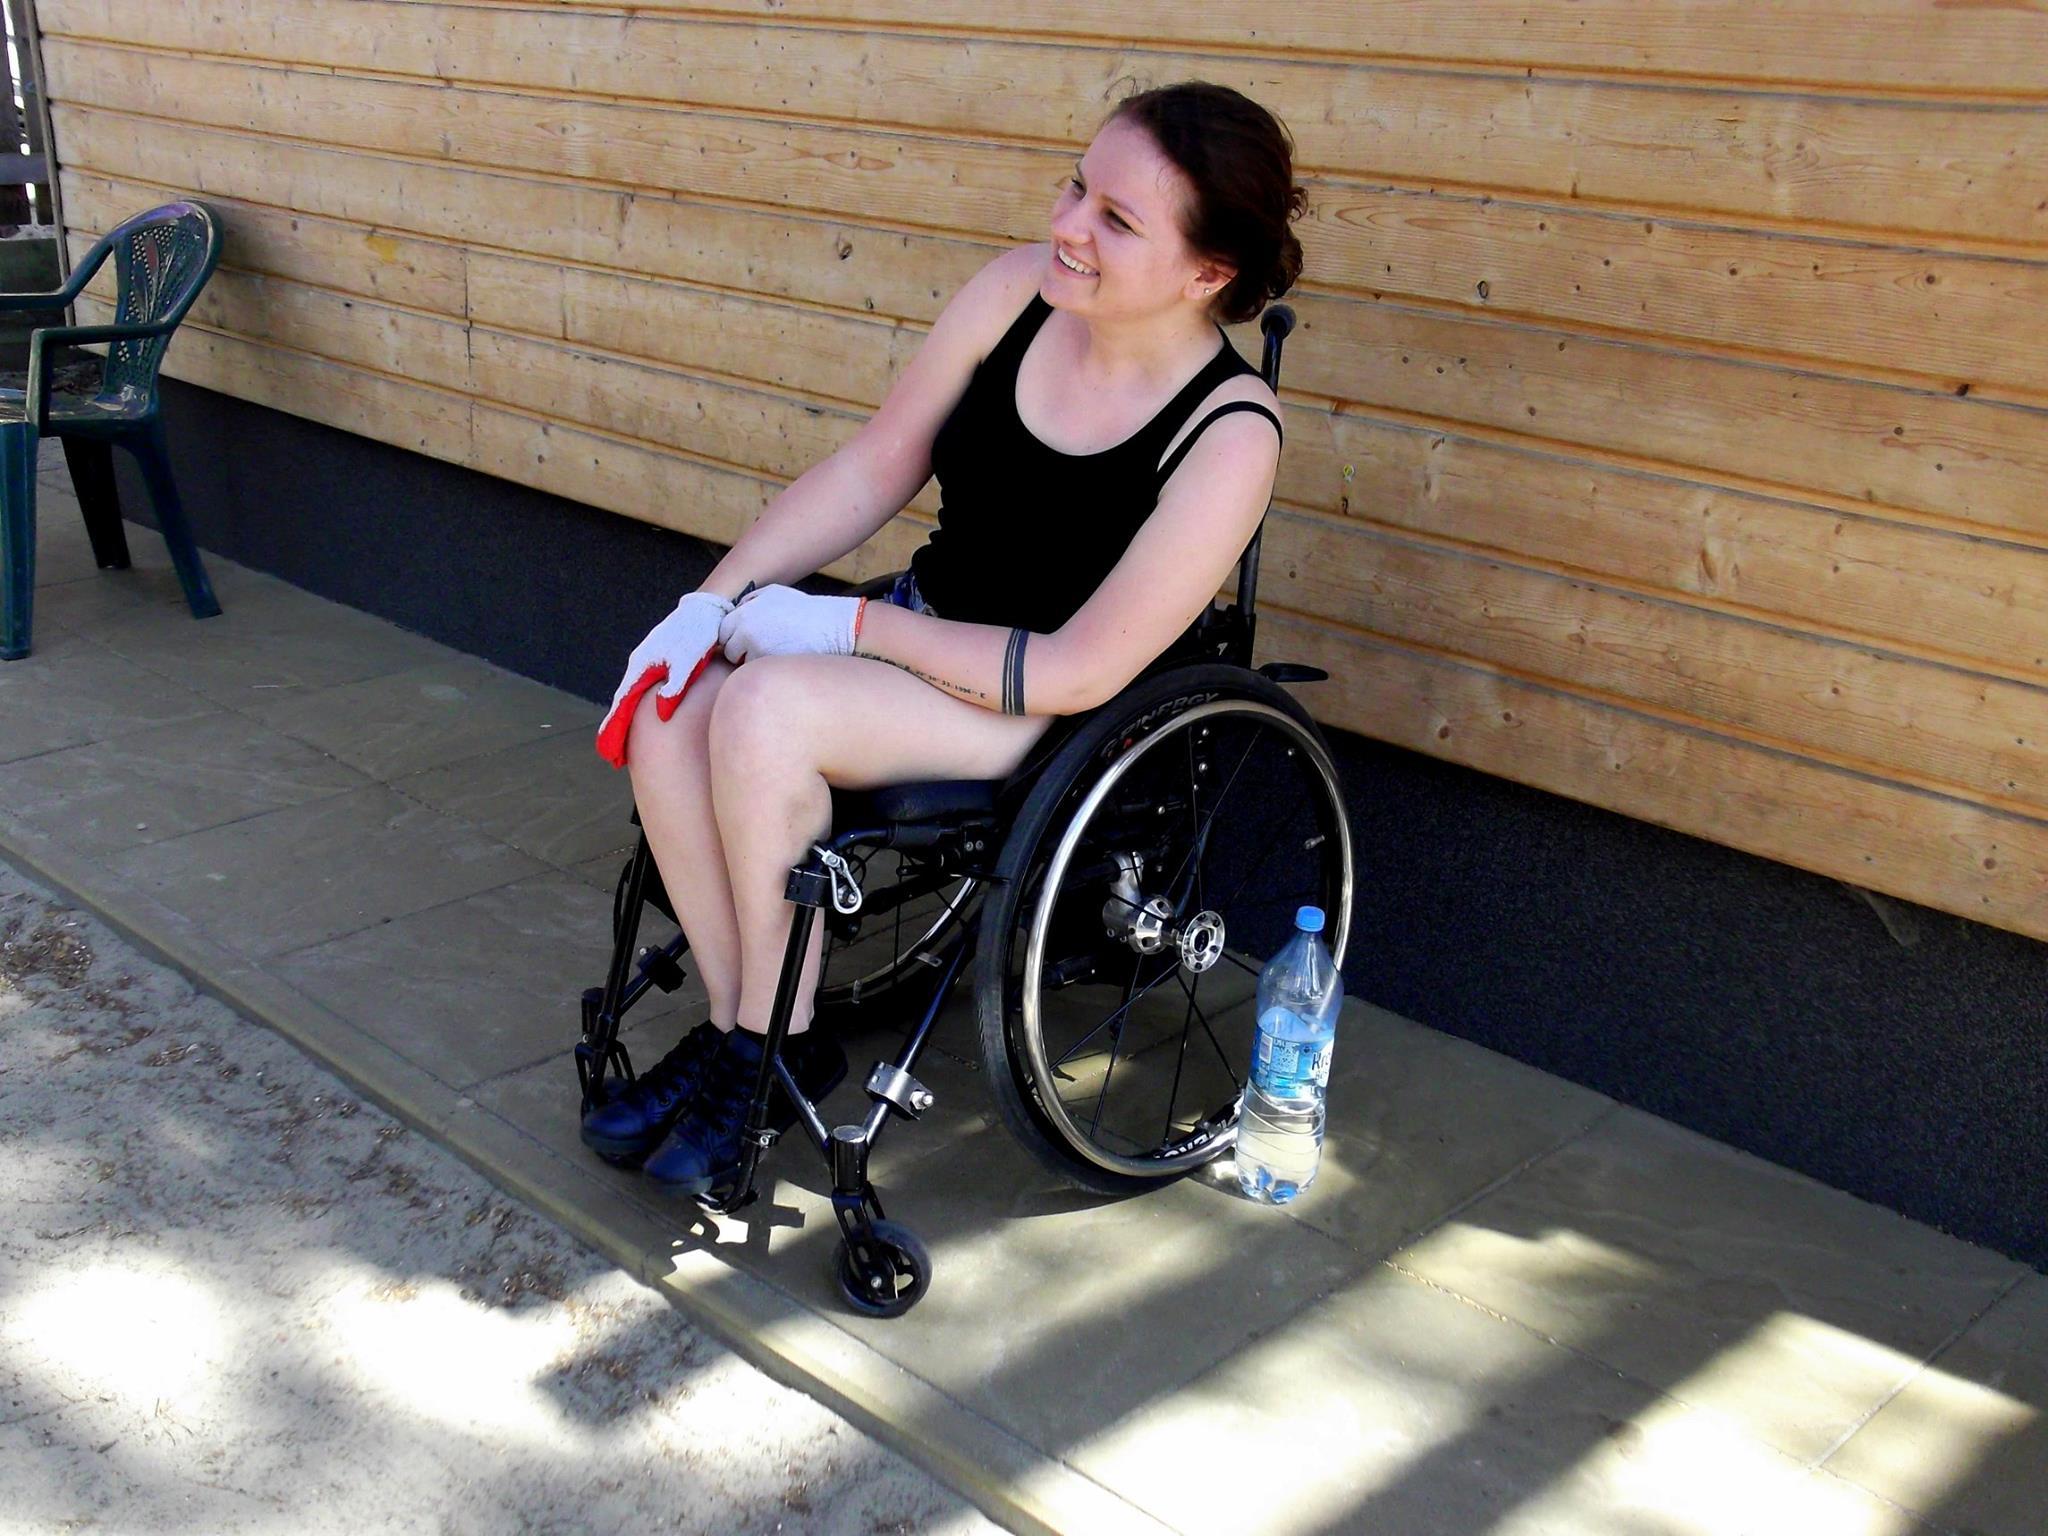 Uśmiechnięta Katarzyna Bierzanowska na tle drewnianej ściany domu. Ma ubrane rękawice ogrodowe, obik niej stoi butelka wody mineralnej.